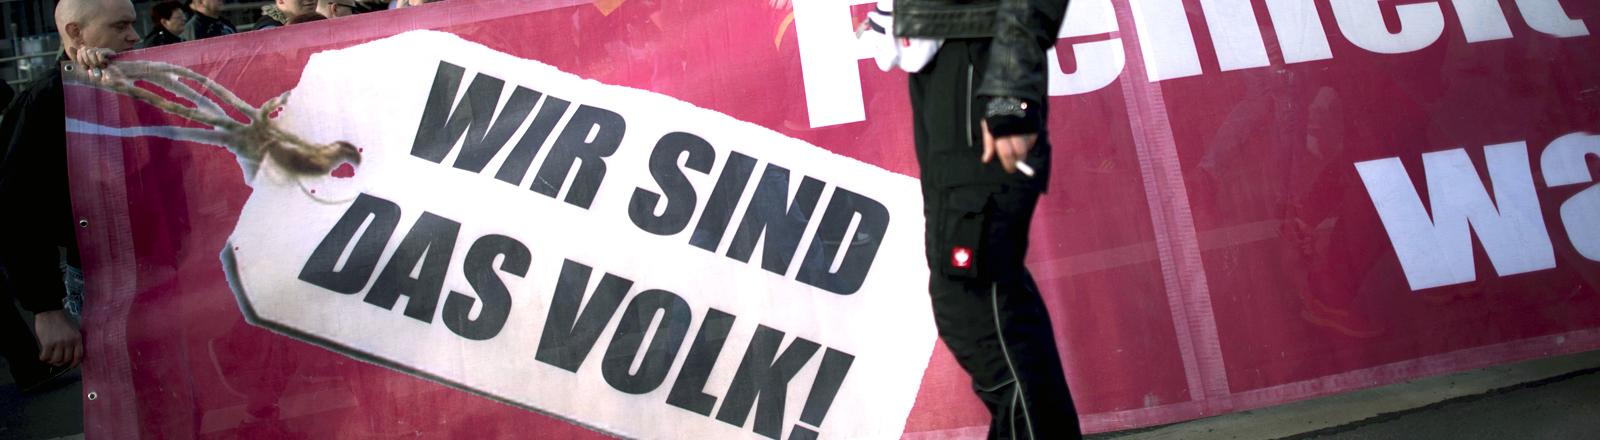 """""""Wir sind das Volk"""" steht auf einem Plakat."""